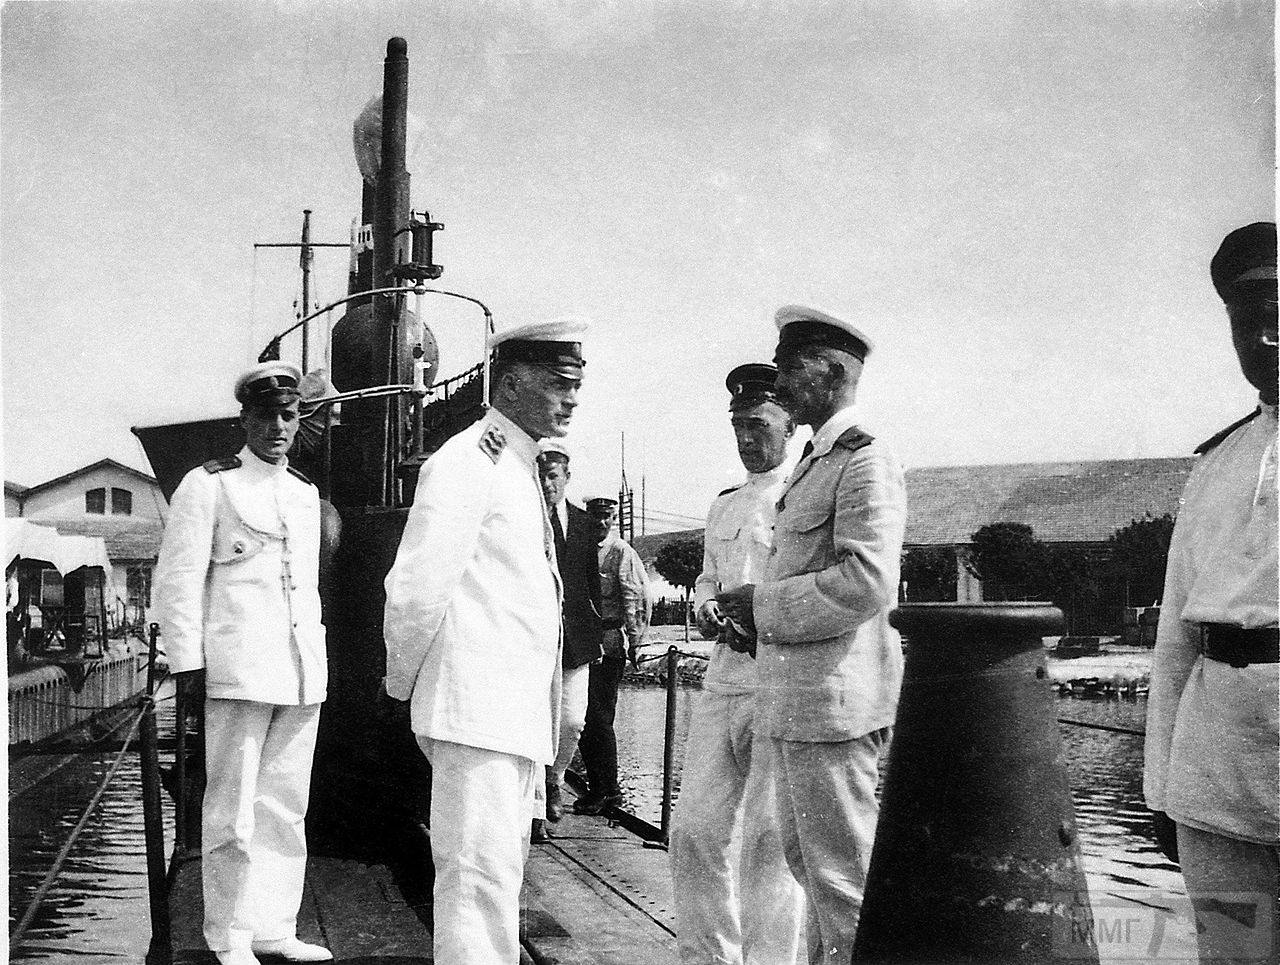 13818 - Кедров М.А. на подводной лодке «Тюлень» в Бизерте, июль 1921 г.